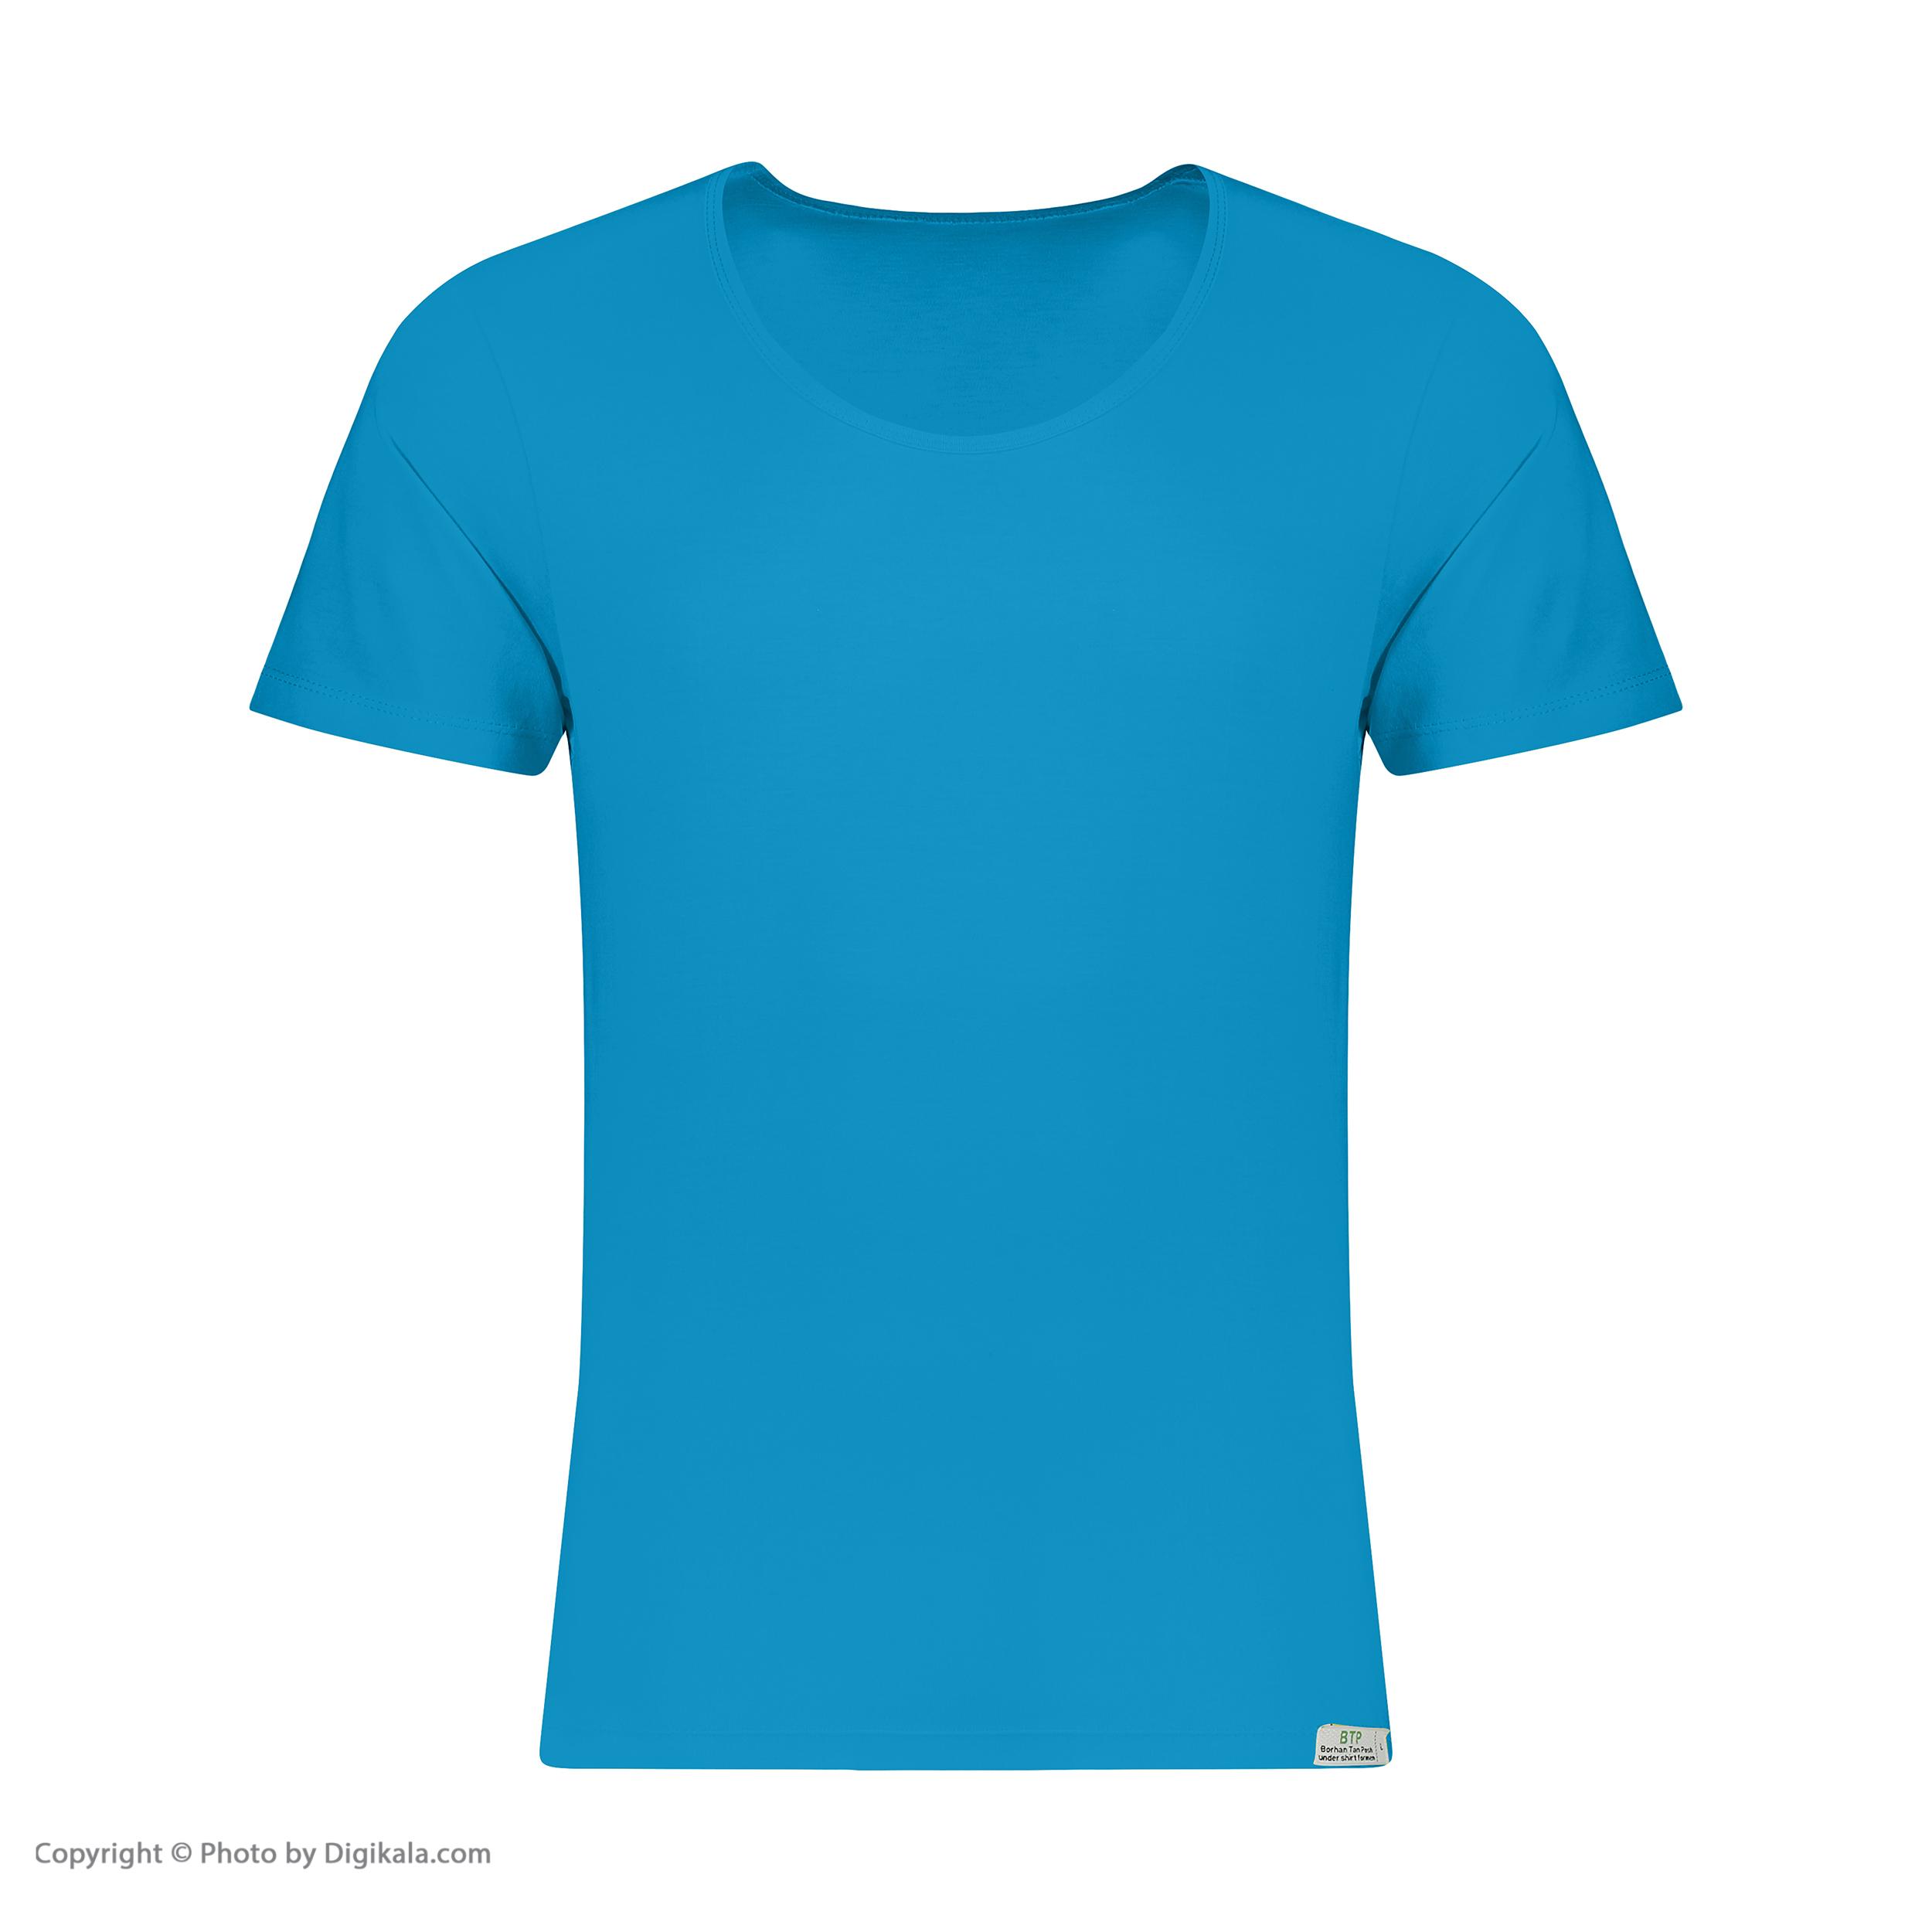 زیرپوش آستین دار مردانه برهان تن پوش مدل 3-02